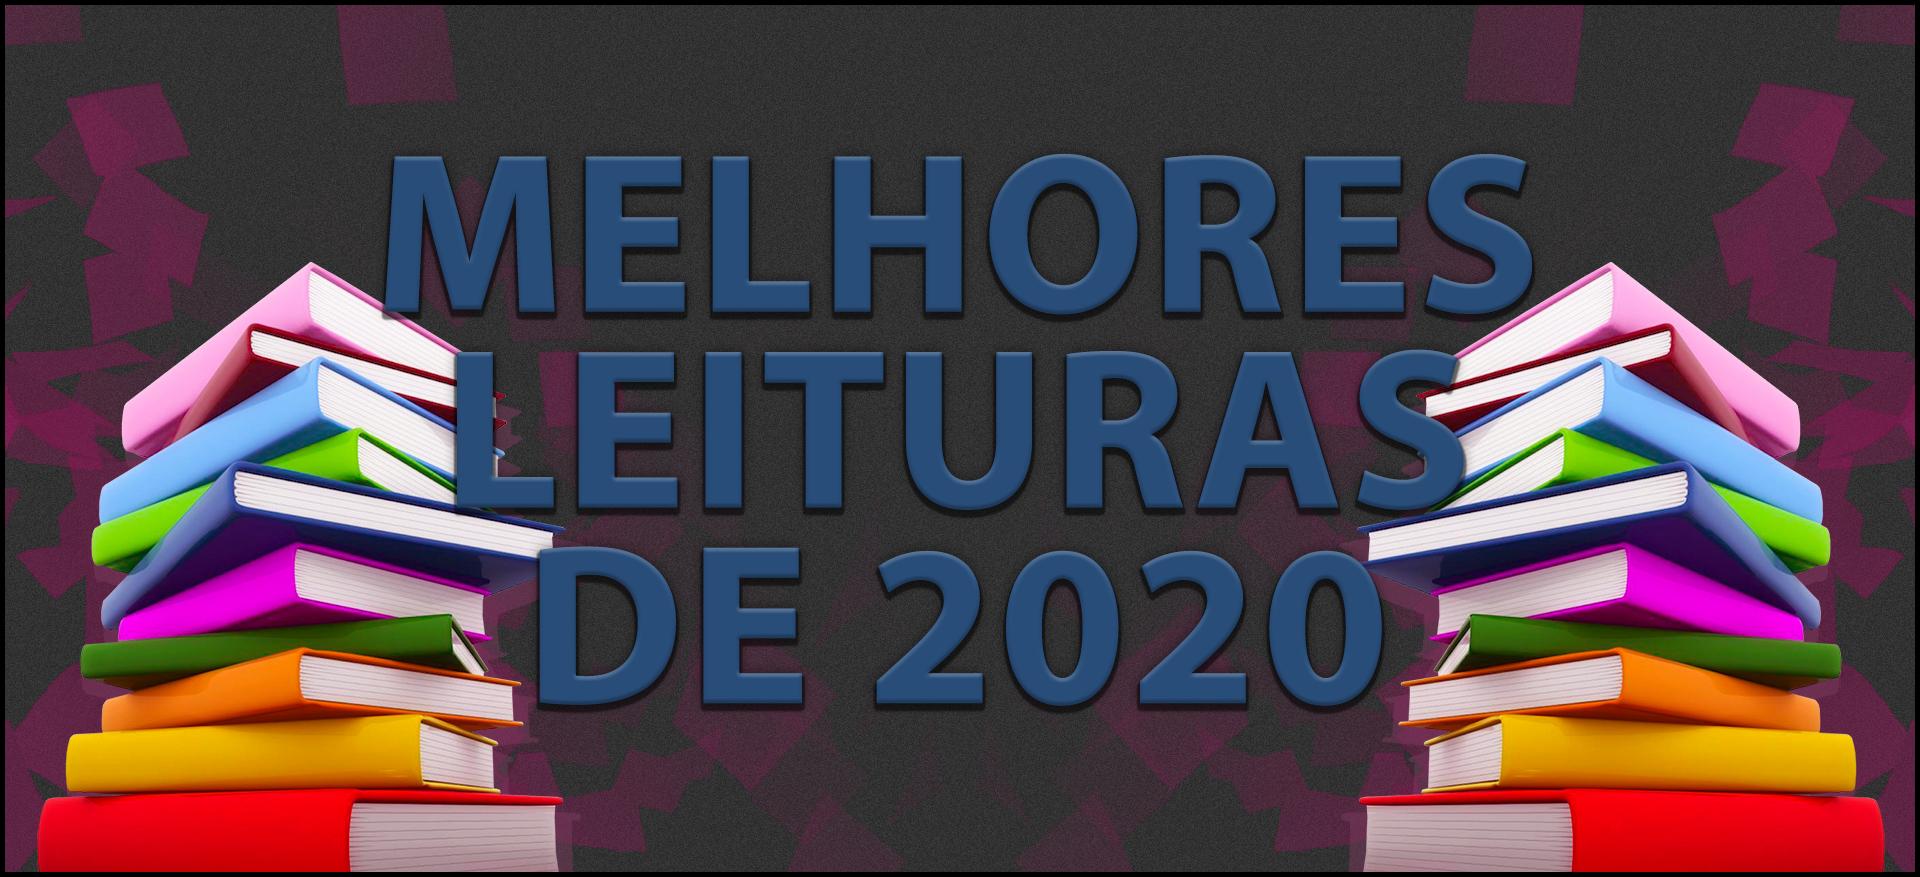 Melhores Leituras em 2020